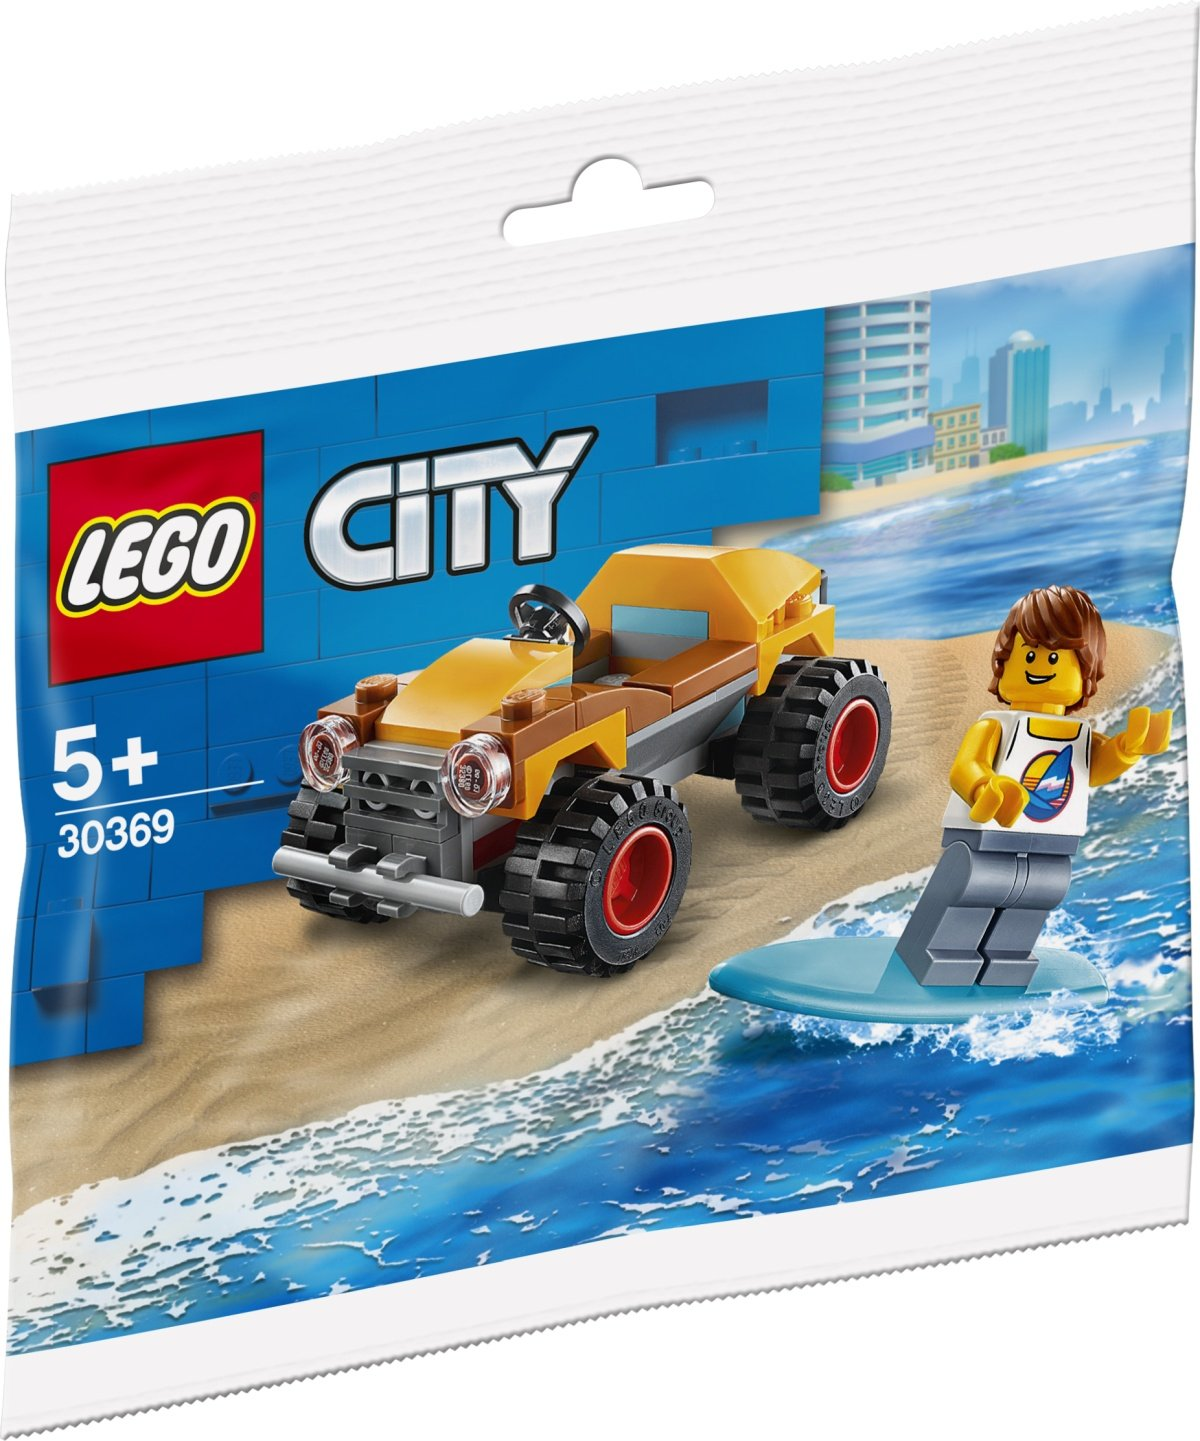 lego-city-30369-0001